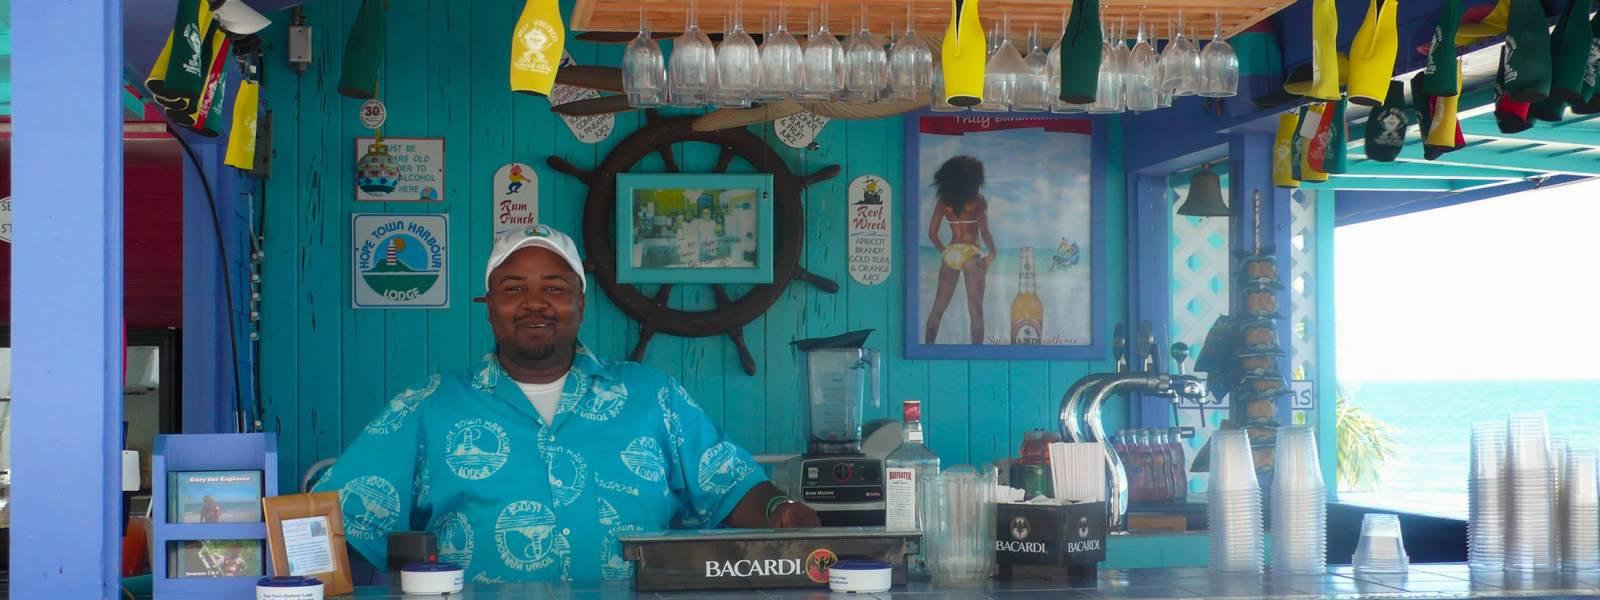 Hope Town Elbow Cay Abaco Bahamas